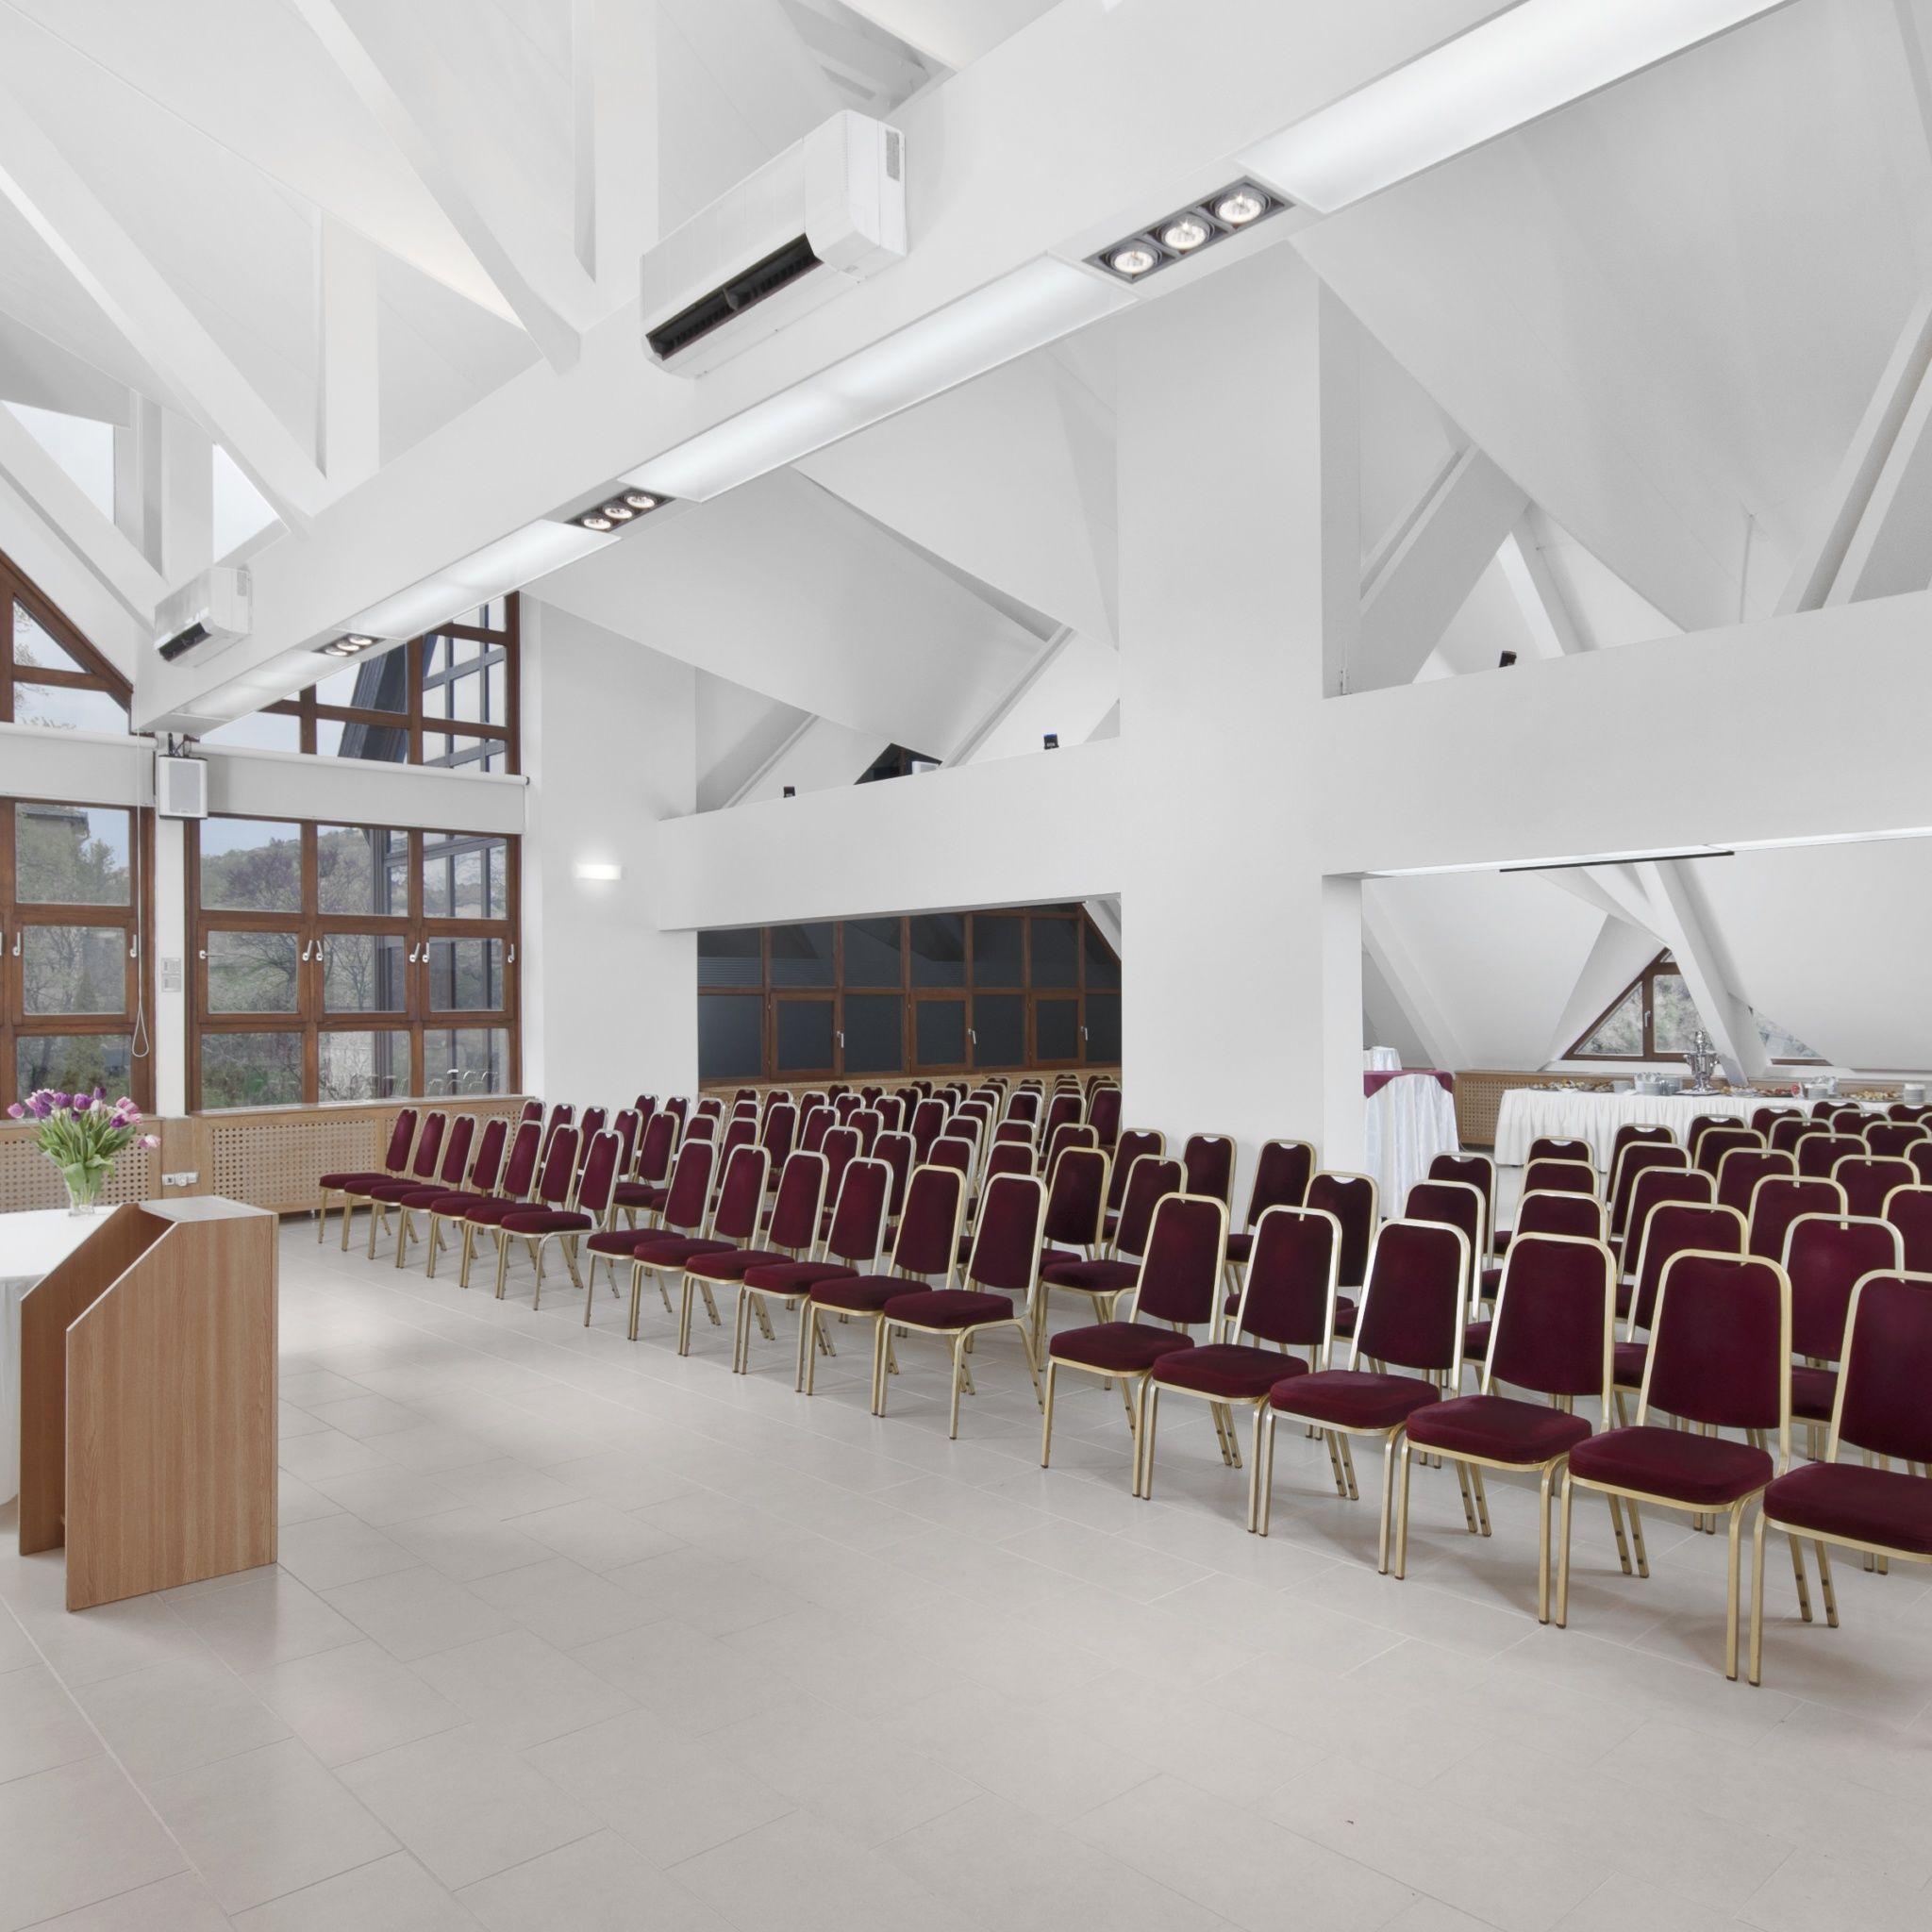 Rubin Wellness&Conference Hotel Budapest - Sirály terem széksoros elrendezés konferenciára